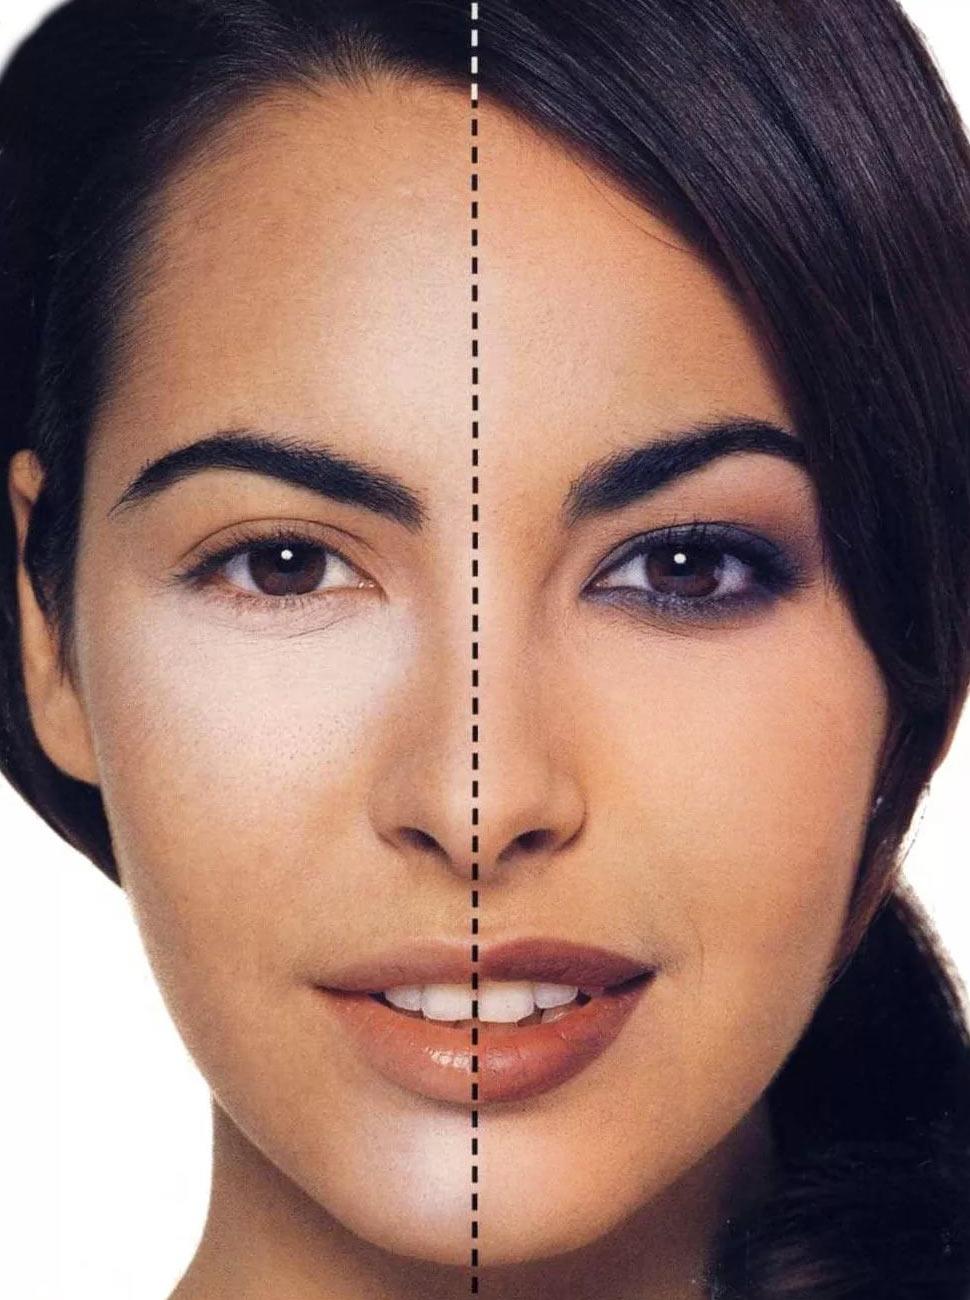 профессиональный макияж для фотосессии